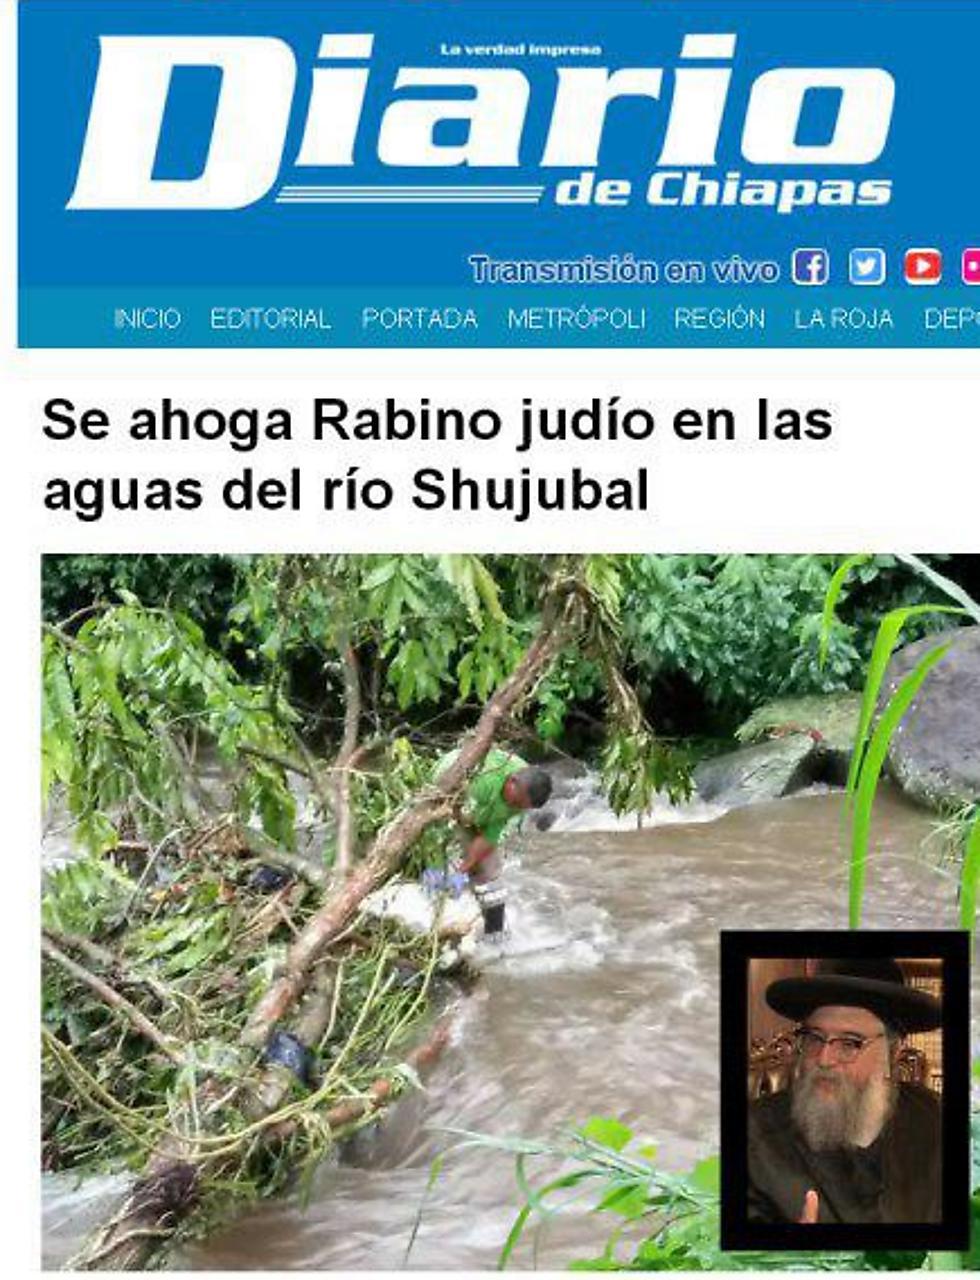 הנהר שממנו נמשתה הגופה, על פי דיווחי העיתונות במקסיקו (צילום: diariodechiapas.com)